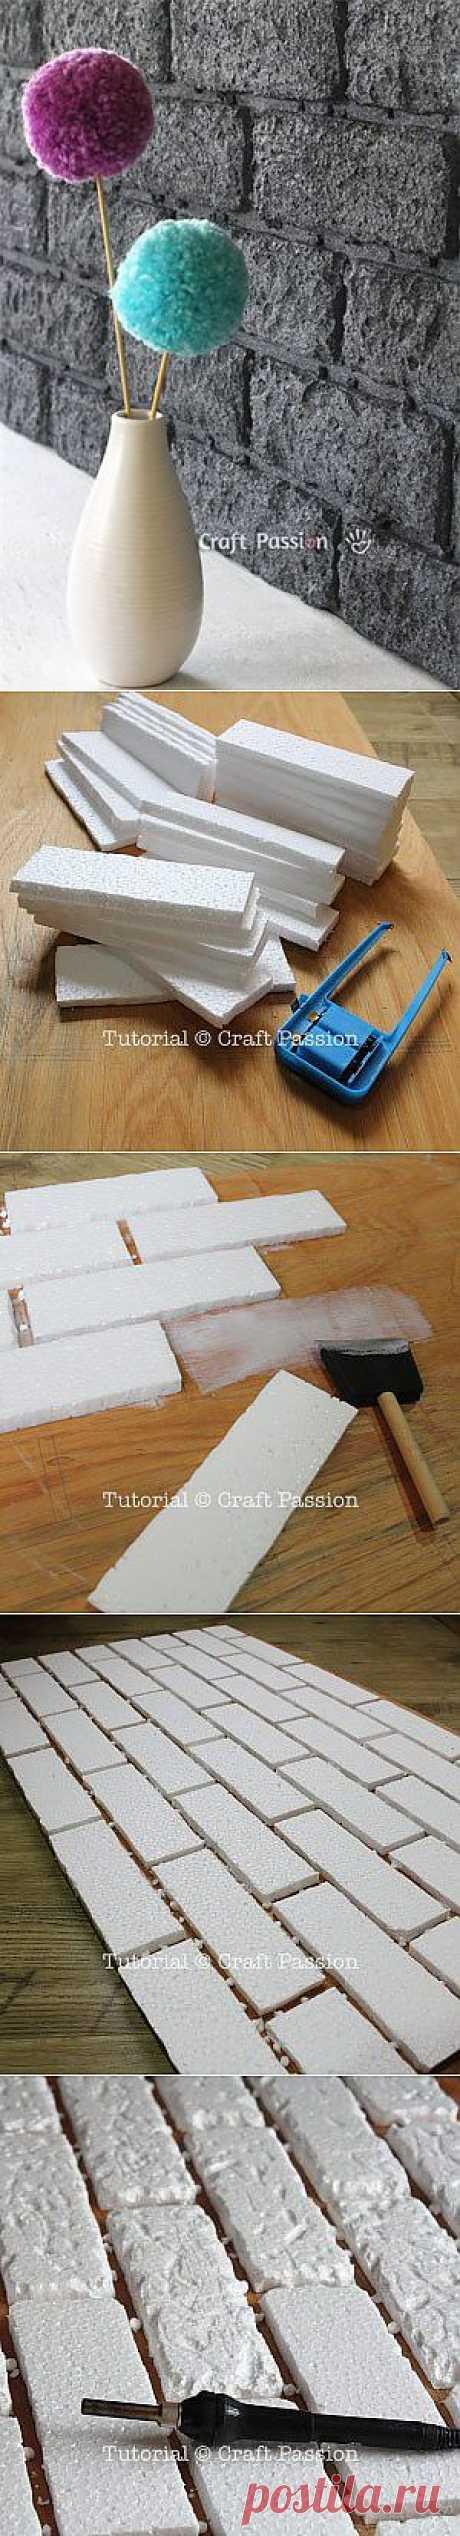 Имитация кирпичной стены при помощи пенопласта. Вам понадобится: пенопласт, фанера для основы, нож для нарезания пенопласта, паяльник, клей (подойдет строительный ПВА) и аэрозольная автомобильная краска.